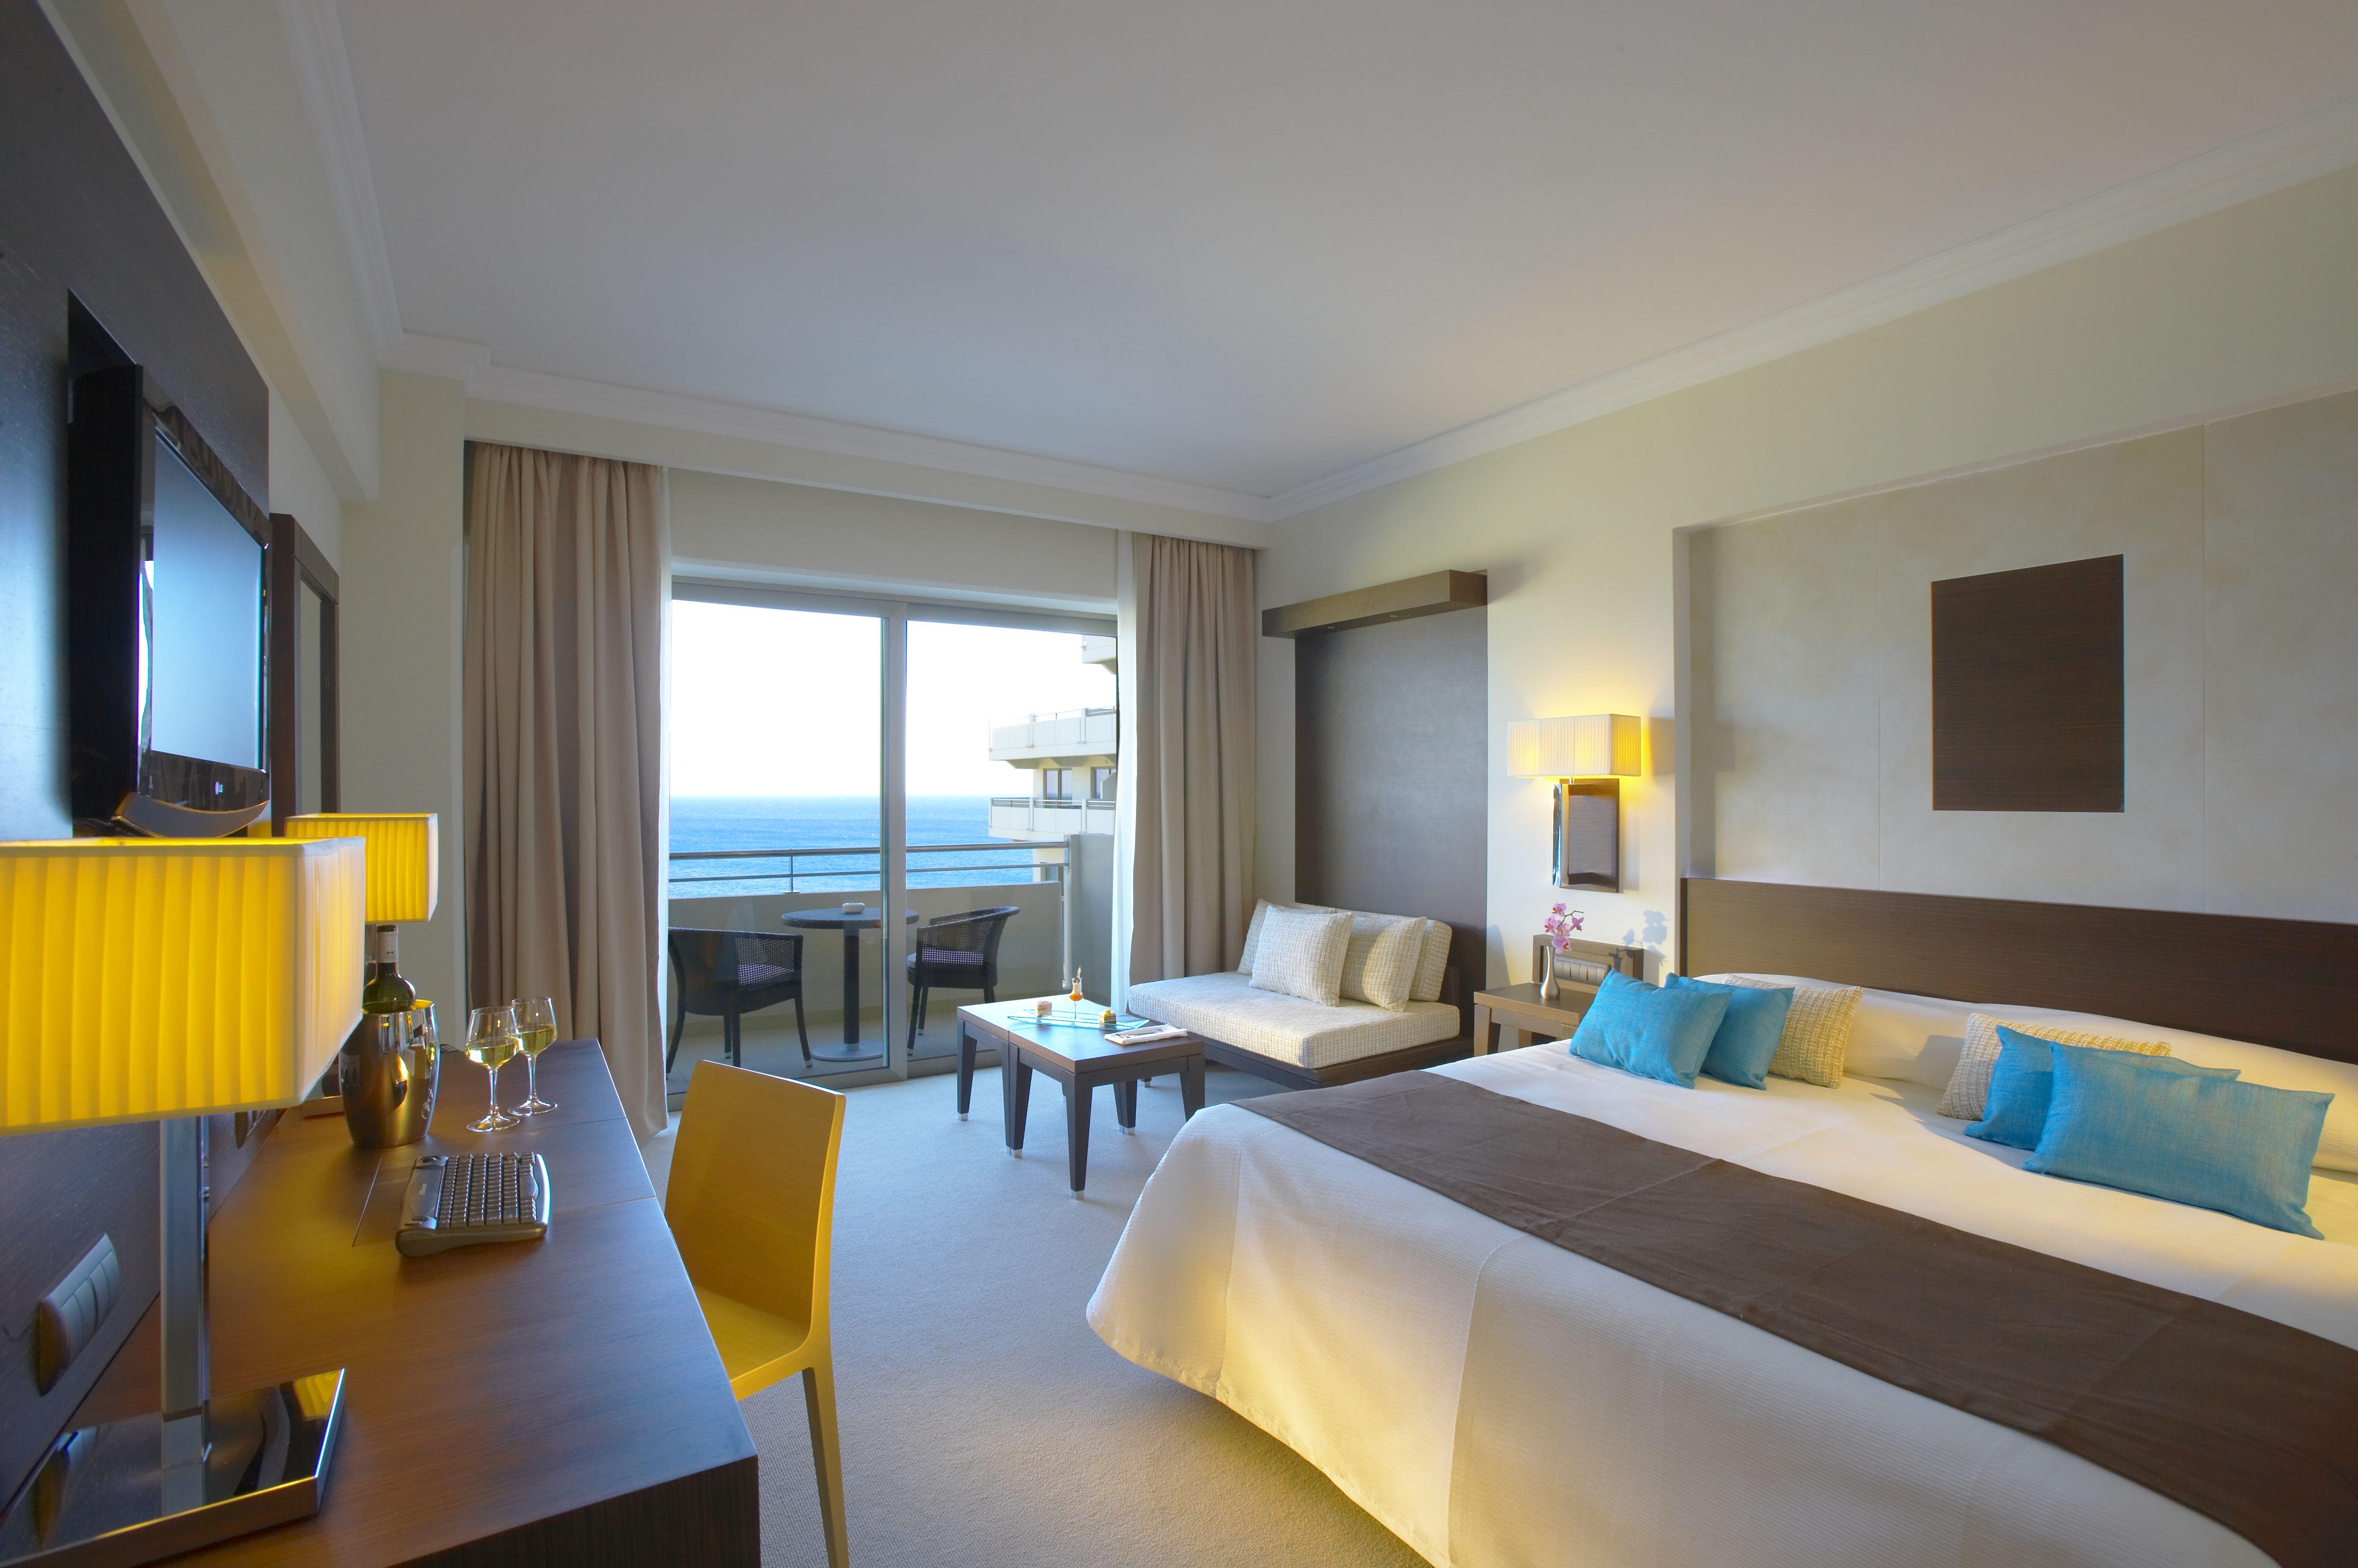 Deluxe-Guestroom-Sea-View-Wenge